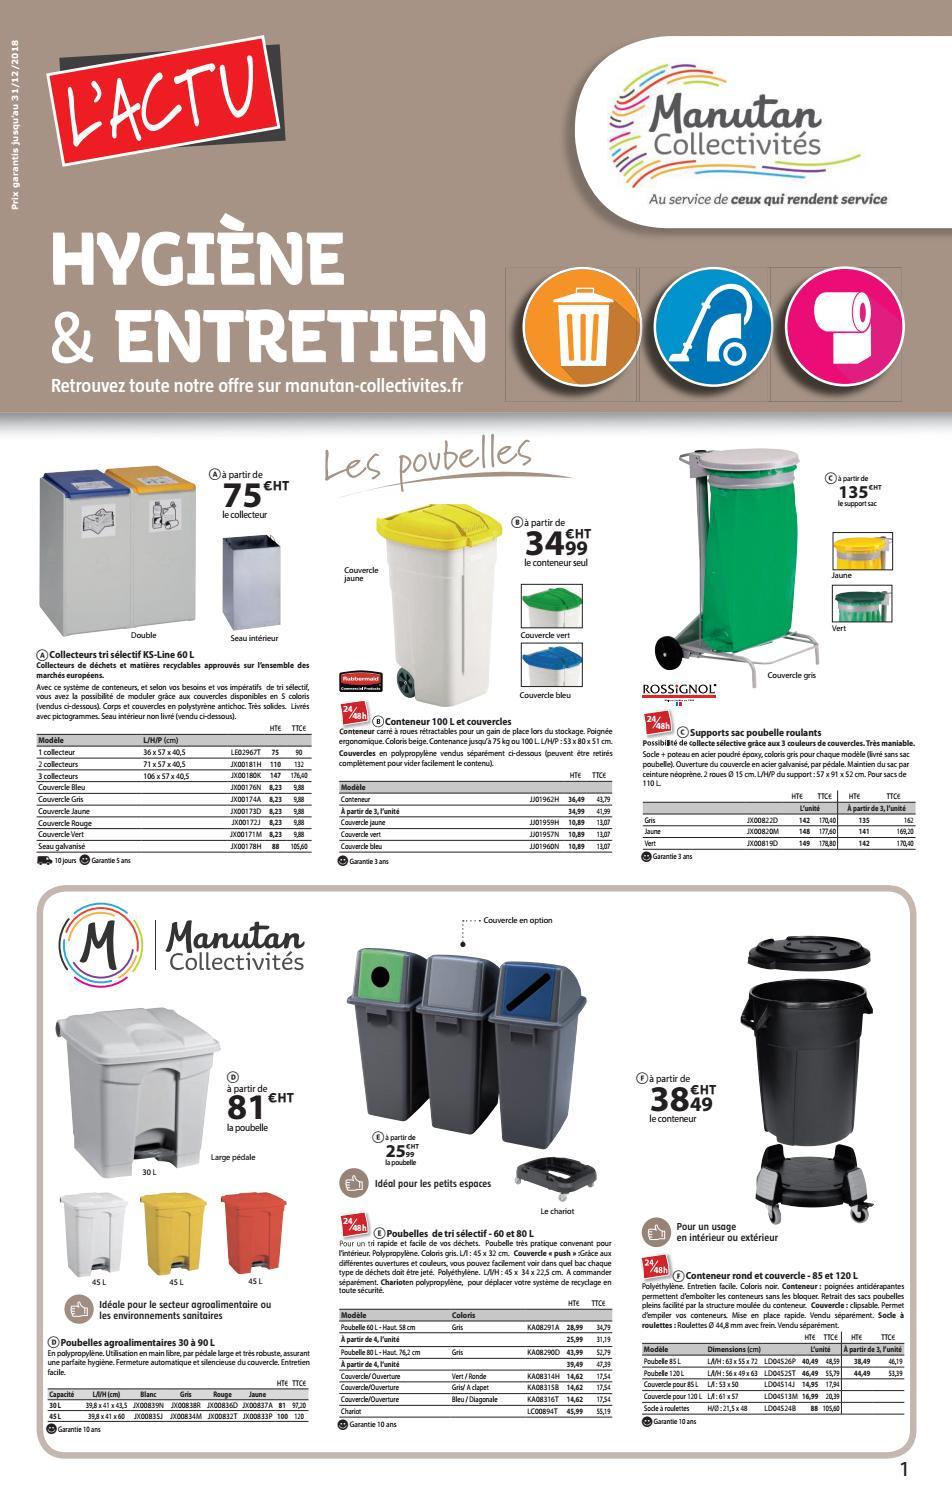 /Hauteur r/églable sur 3/niveaux/ /Poubelle/ Support pour sac poubelle Avec couvercle/ /Sac Poubelle/ /Poubelle /Support pour sacs poubelle jusqu/à 60/L/